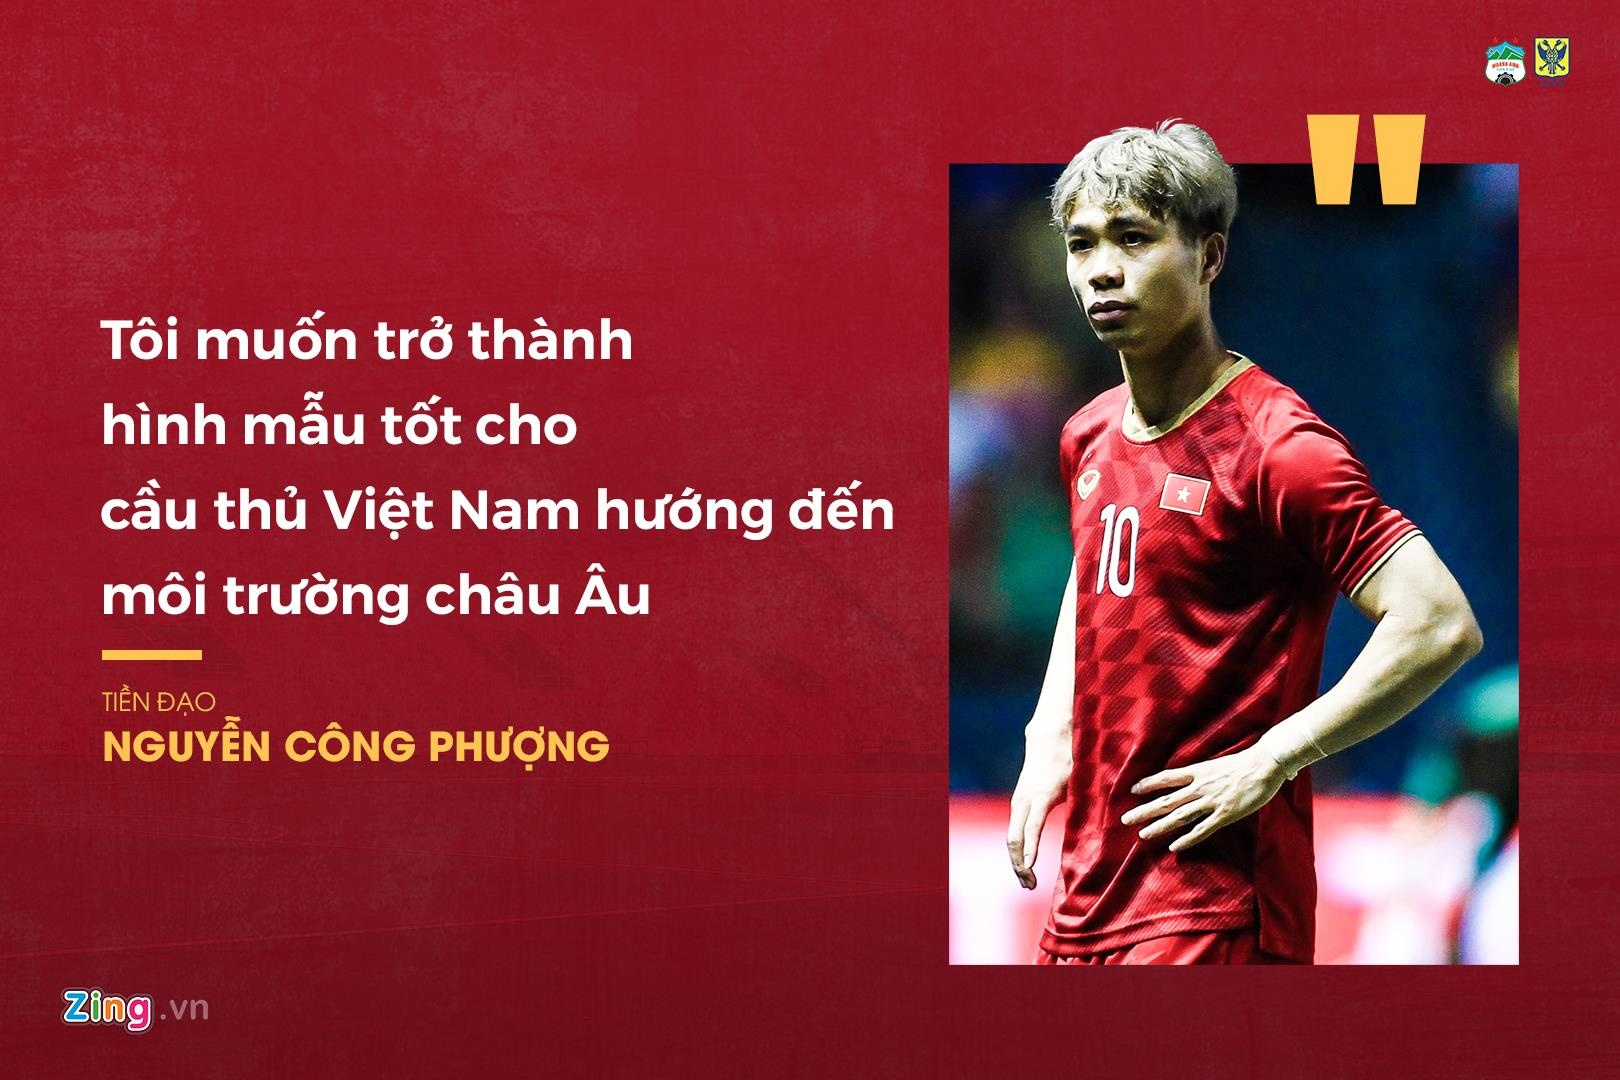 Việc Công Phượng sang châu Âu thi đấu sau khi có 4 tháng khoác áo Incheon United nhận được sự quan tâm của báo chí Hàn Quốc.Trả lời truyền thông nước này, chân sút người Nghệ An phát biểu: